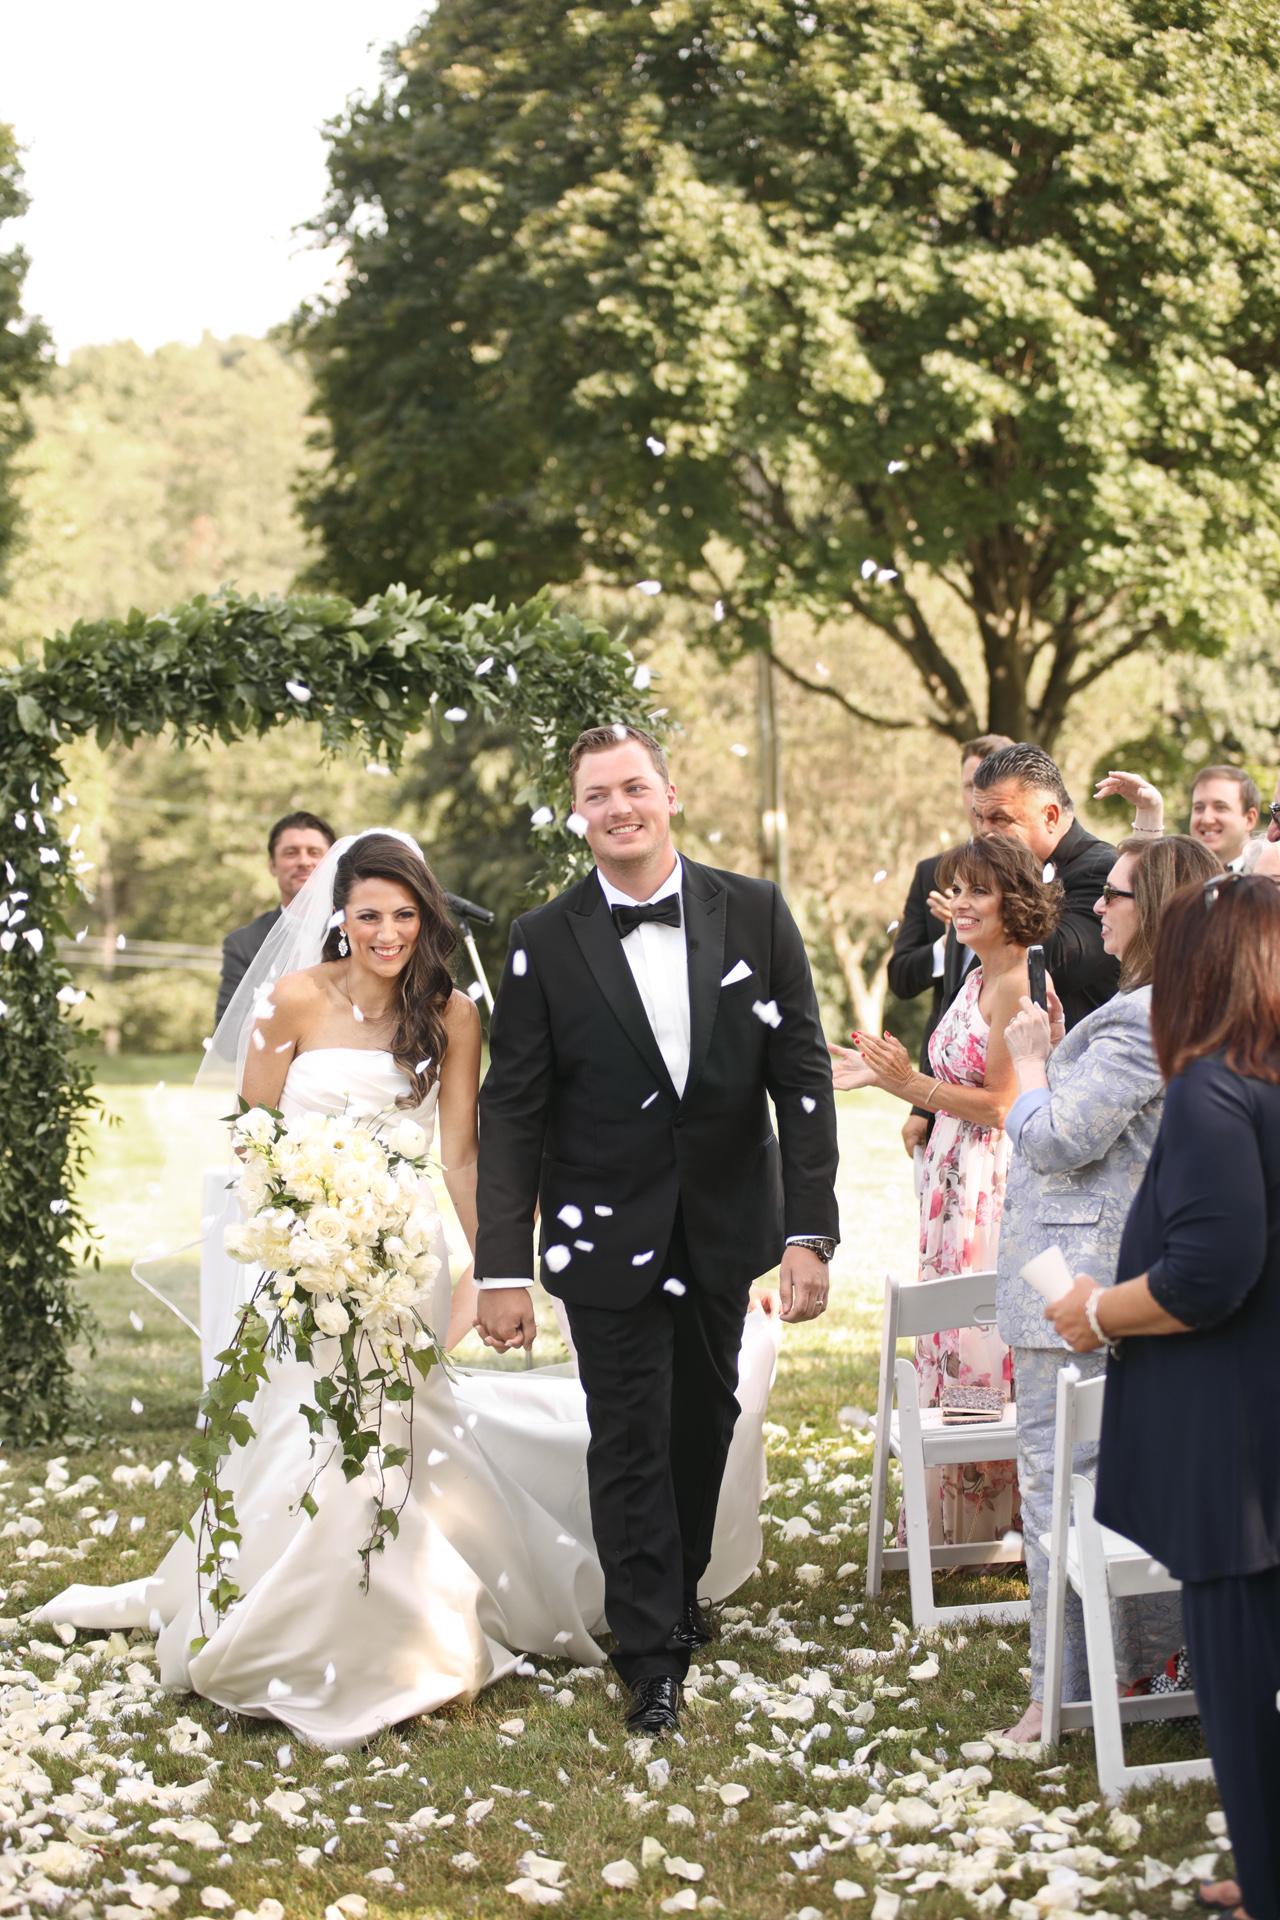 outdoor wedding by araujo photography